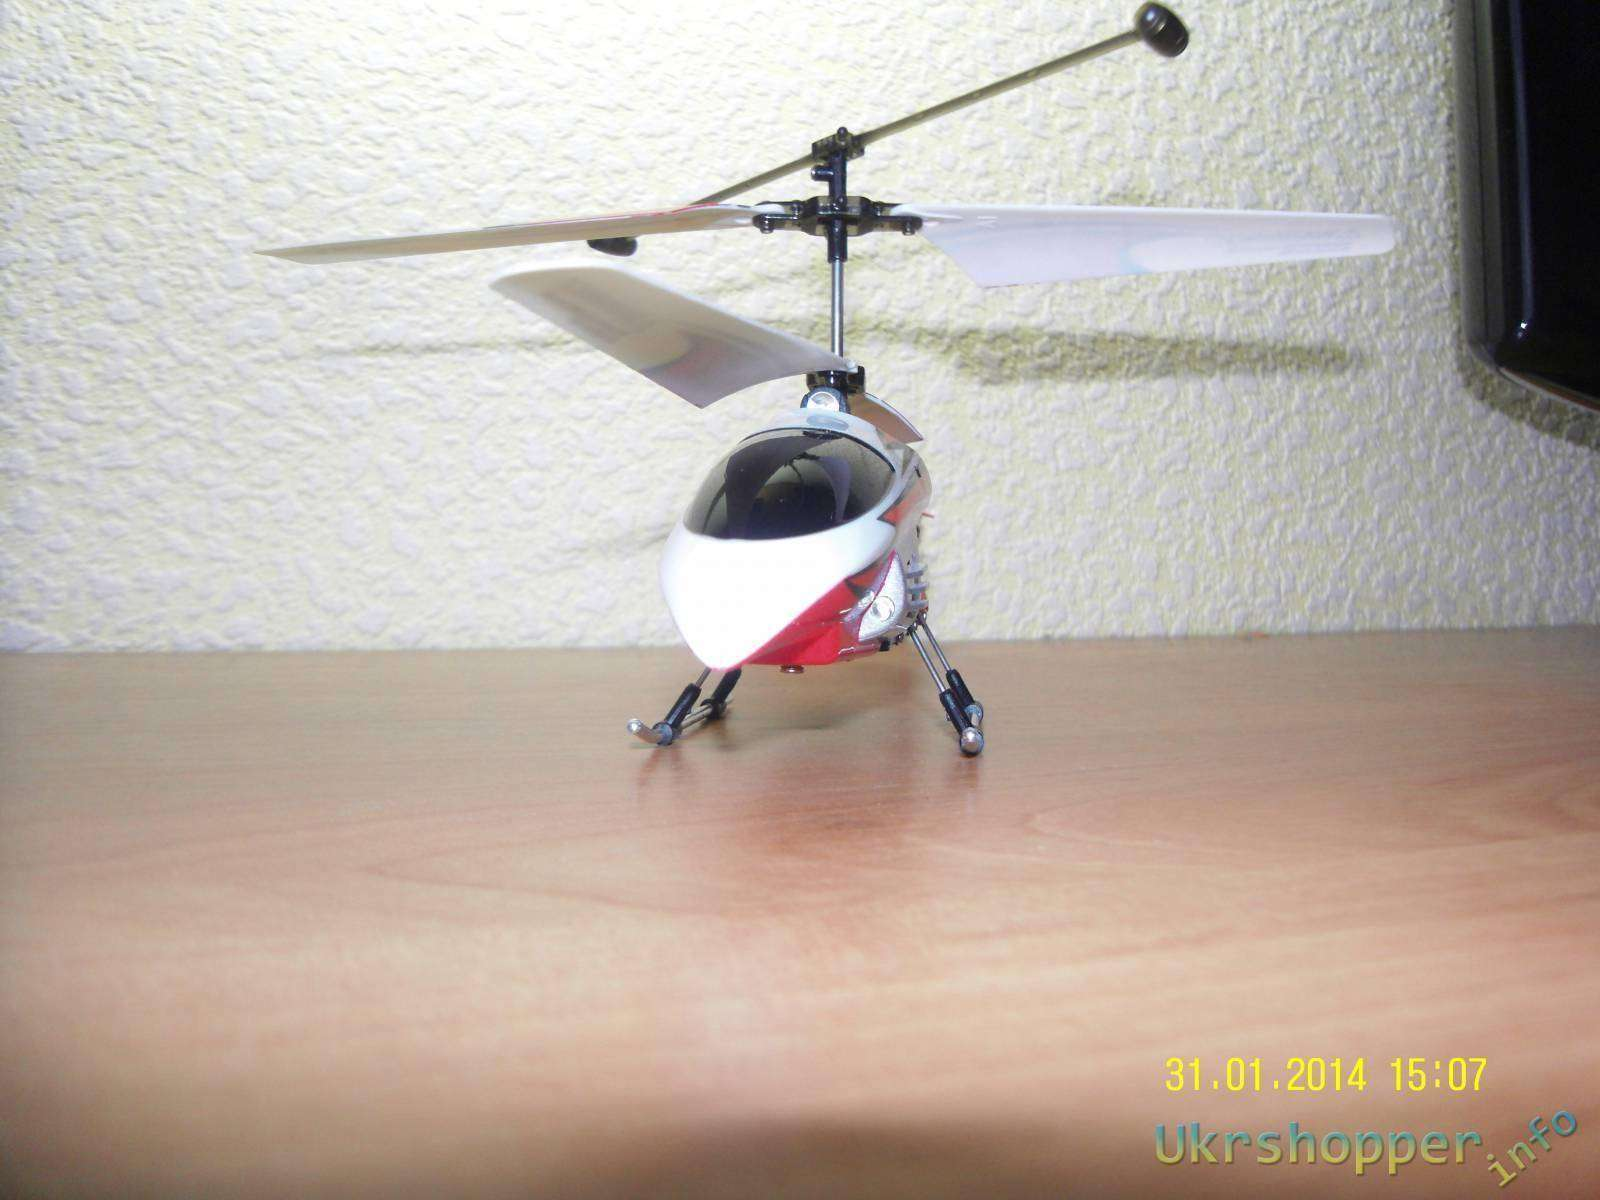 Tmart: Радиоуправляемый вертолет за недорого - FH 8018 3.5 Channel 2.4GHz RC Helicopter (Red)